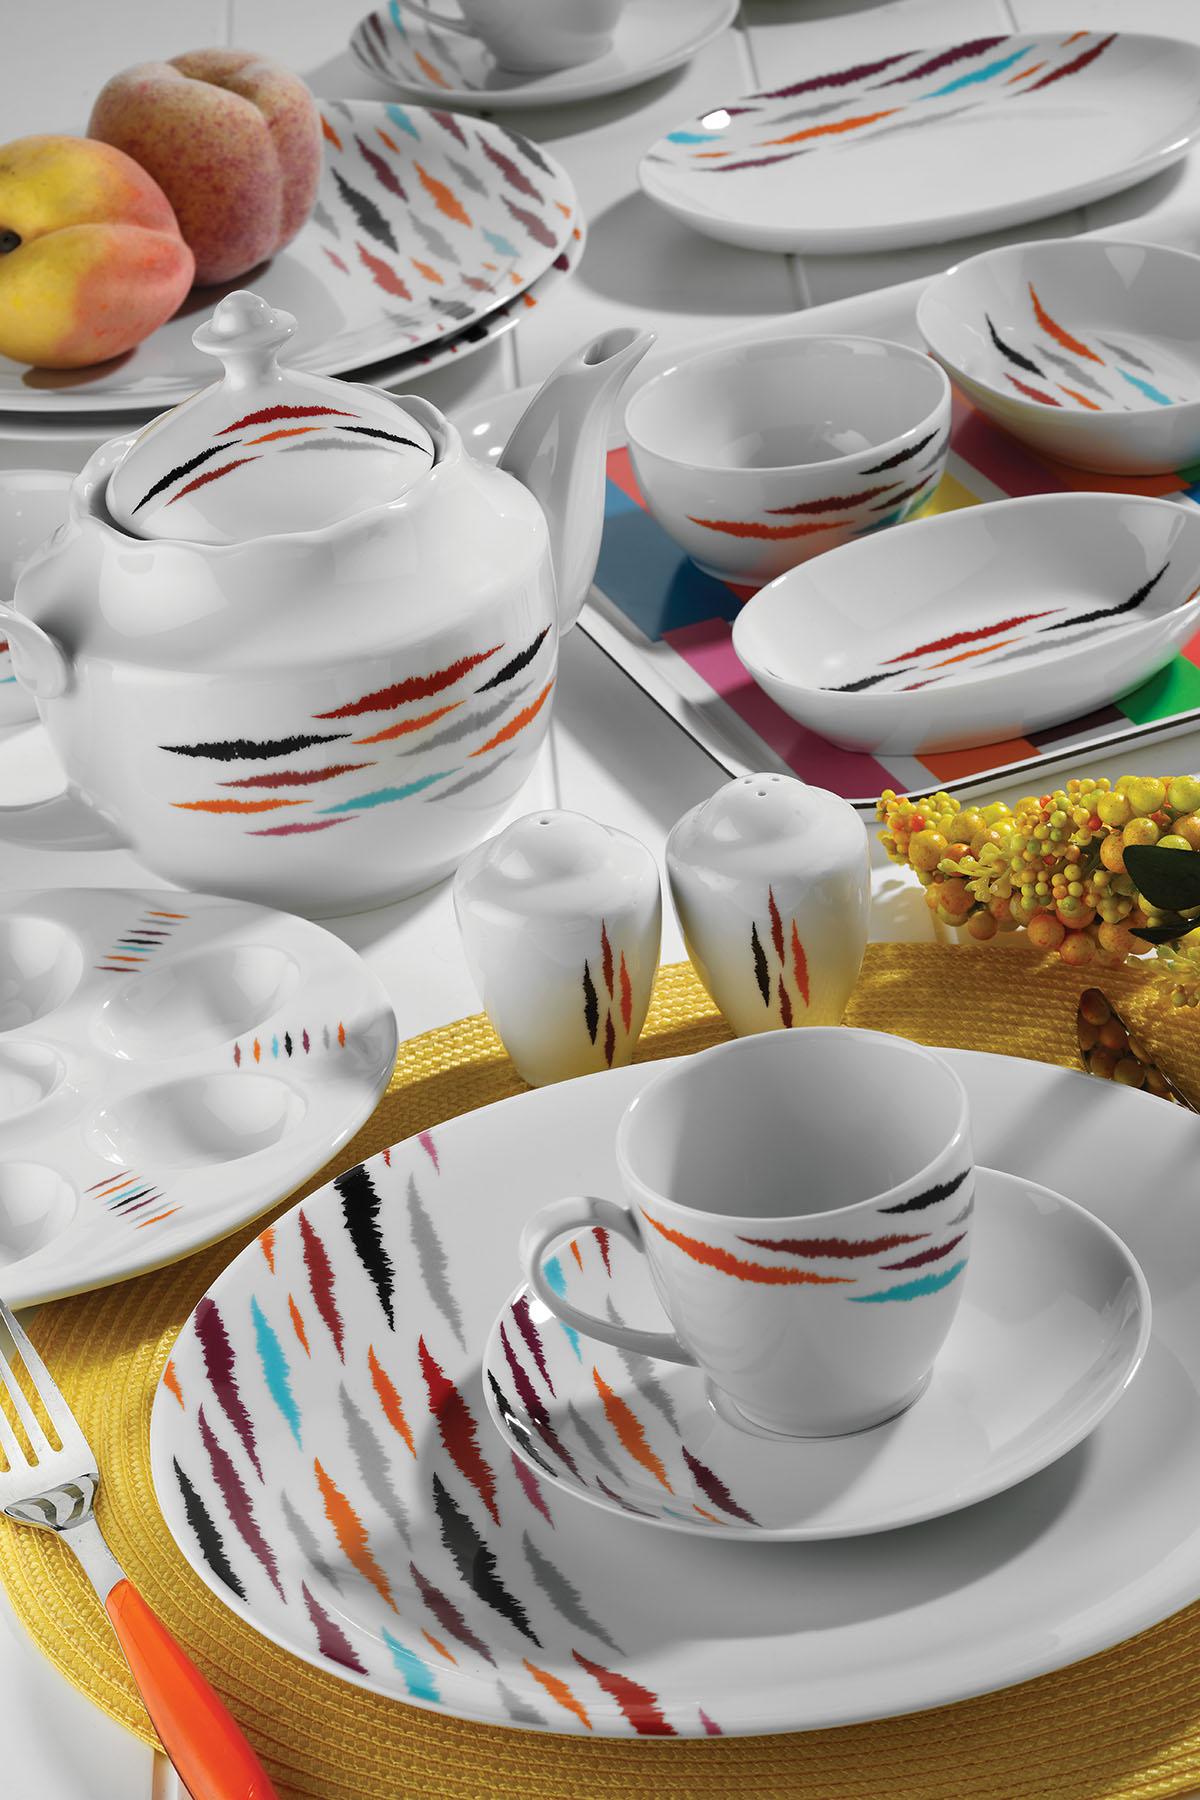 Kütahya Porselen 35 Parça 10070 Desen Kahvaltı Takımı